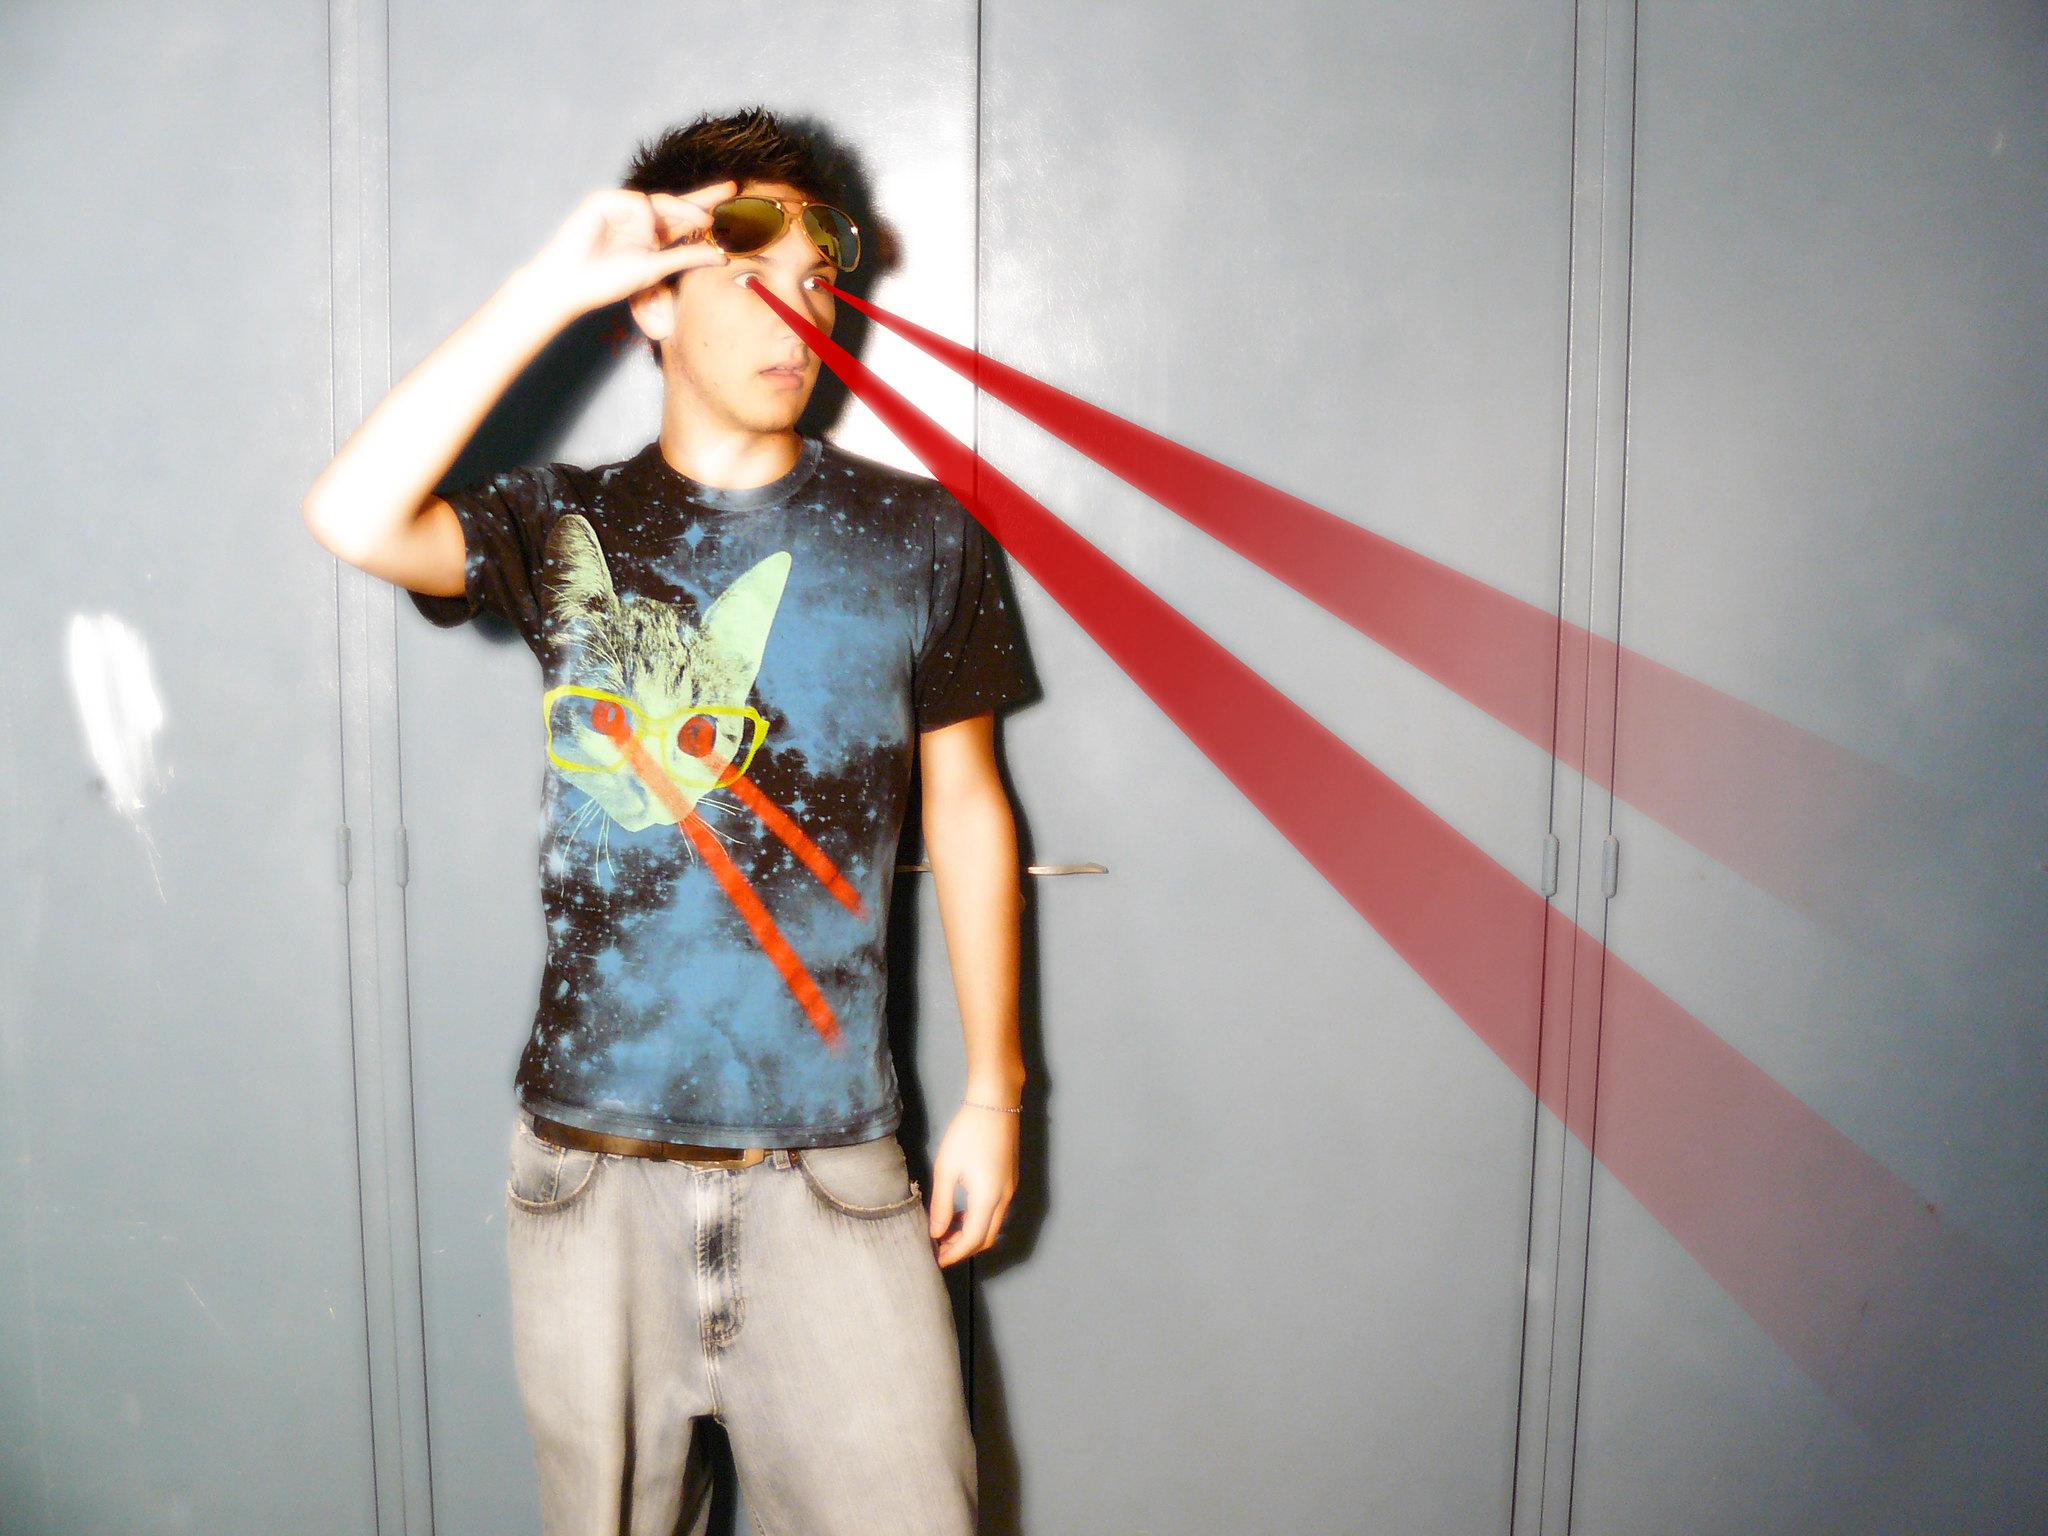 אדם בחולצת חתול יורה לייזר מהעיניים יורה לייזר מהעיניים 📸 Knick Banas cc-by